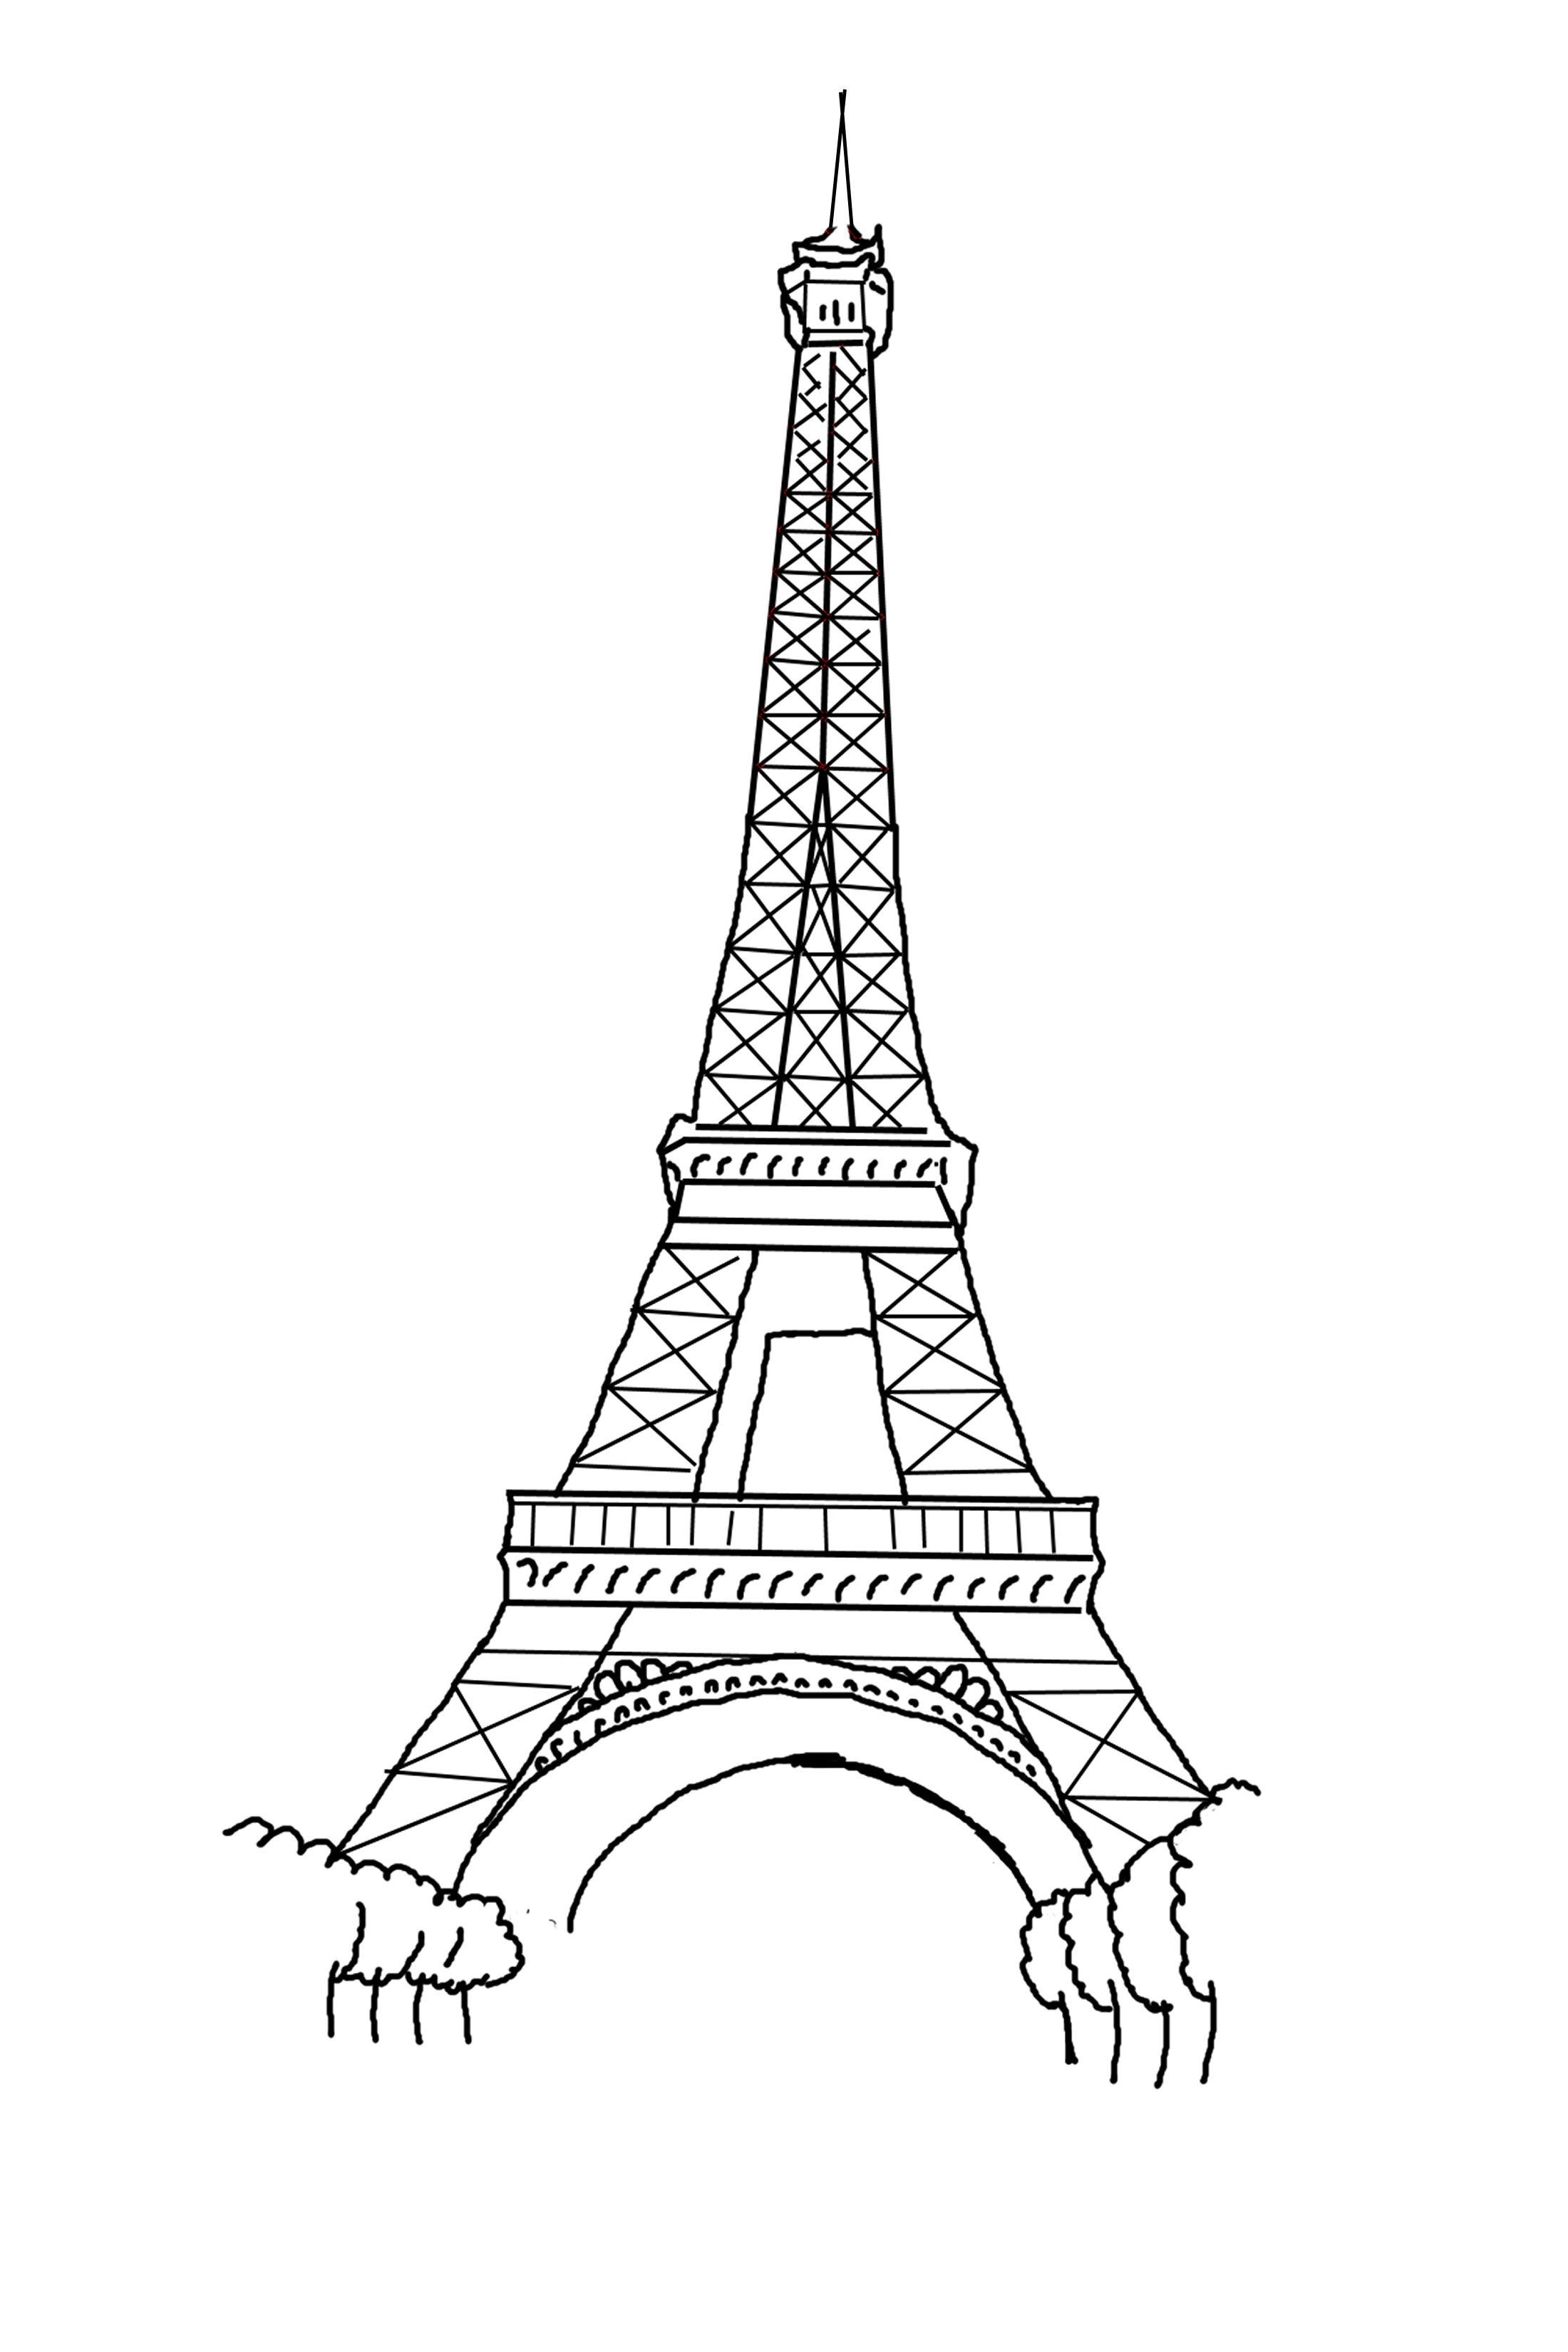 27 Eiffelturm Bilder Zum Ausdrucken - Besten Bilder von ausmalbilder